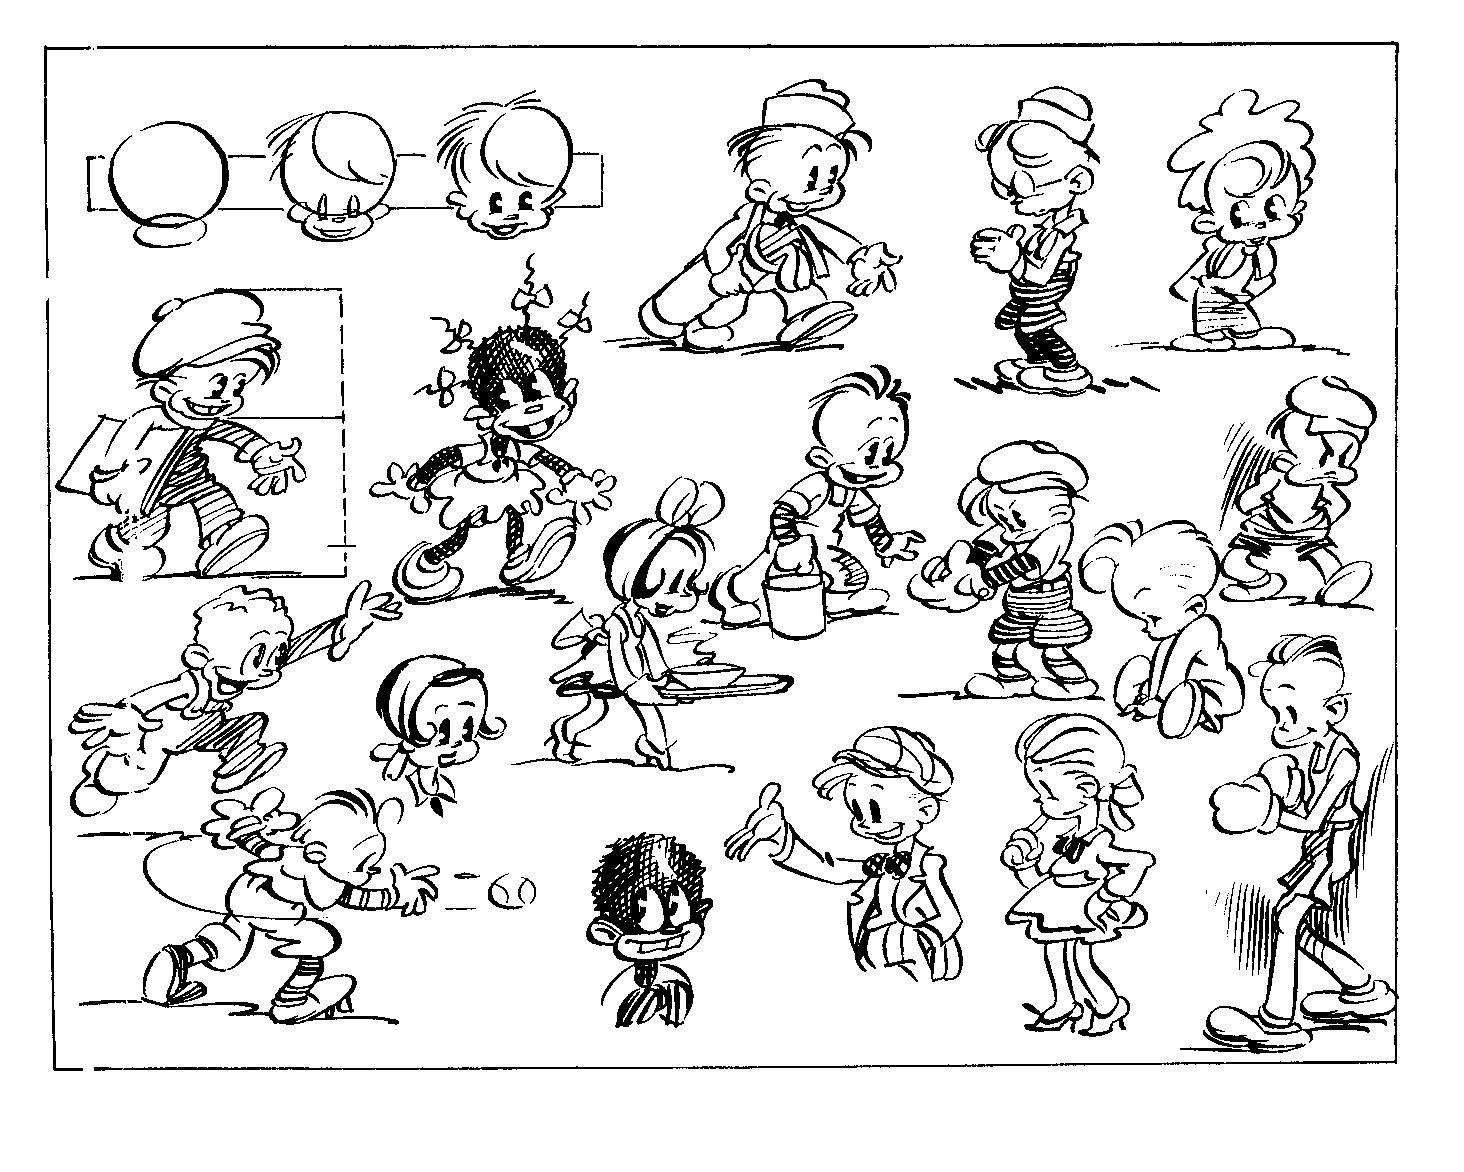 1464x1172 Cartooning Self Taught Comics